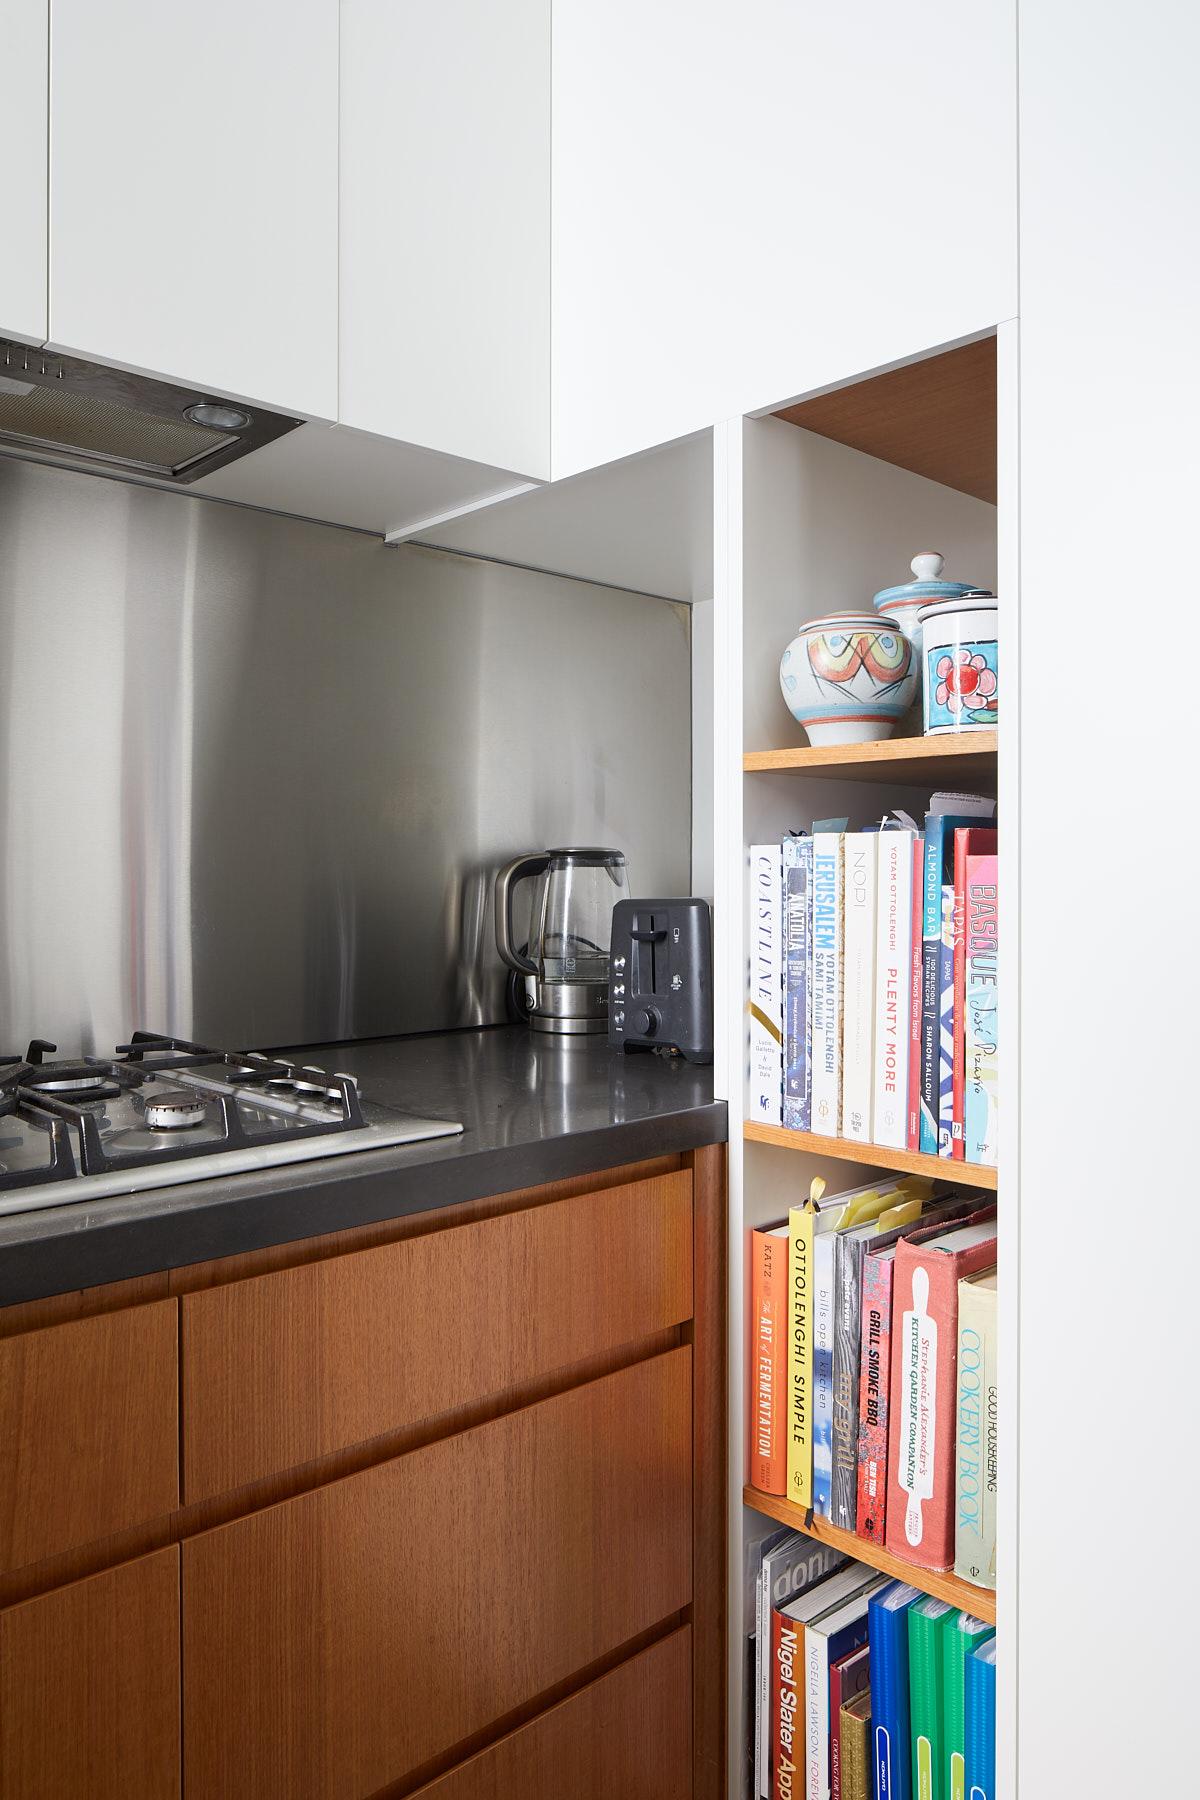 Appliance nook